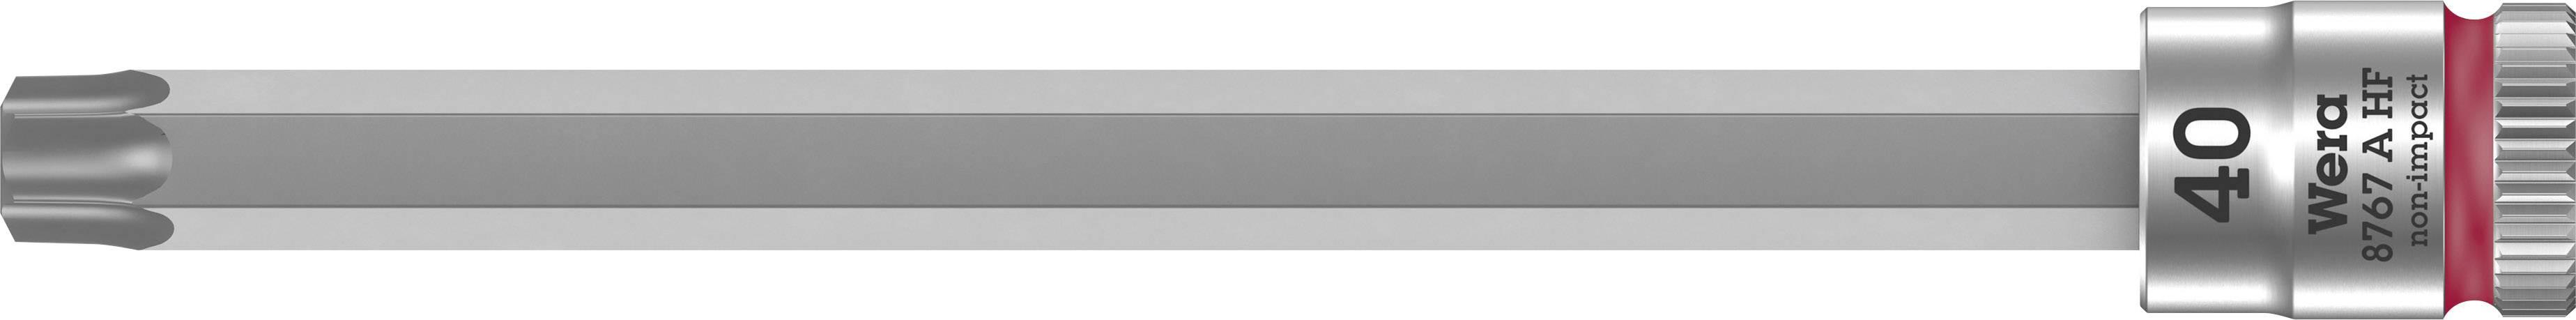 """Nástrčný kľúč, Torx Wera 8767 A 05003372001, 1/4"""" (6,3 mm), chróm-vanadiová oceľ"""